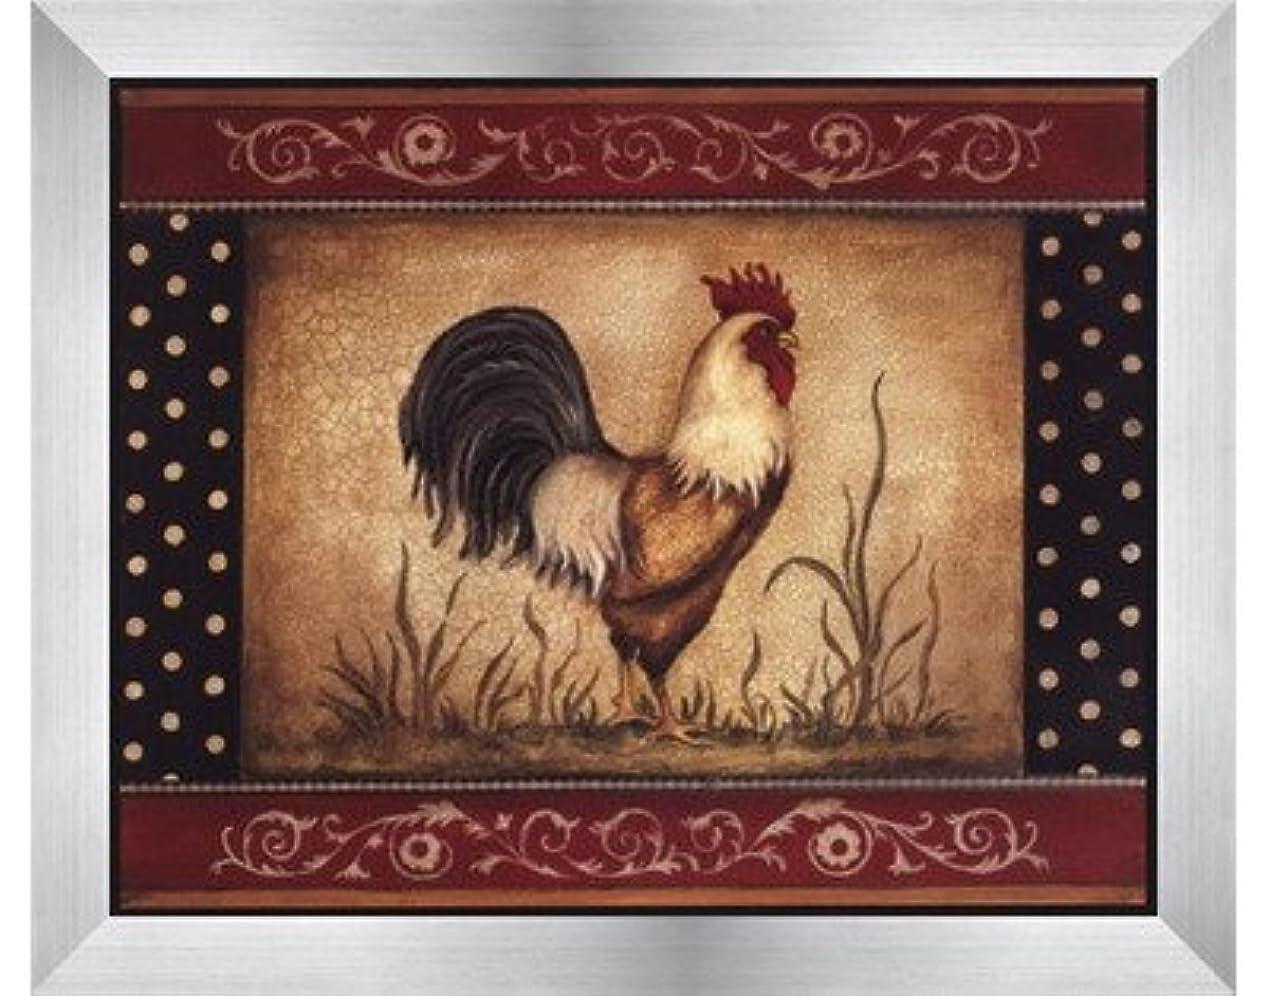 入口ボクシングびっくりcock-a-doodle-doo – Mini by Kimberly Poloson – 10 x 8インチ – アートプリントポスター LE_463470-F9935-10x8